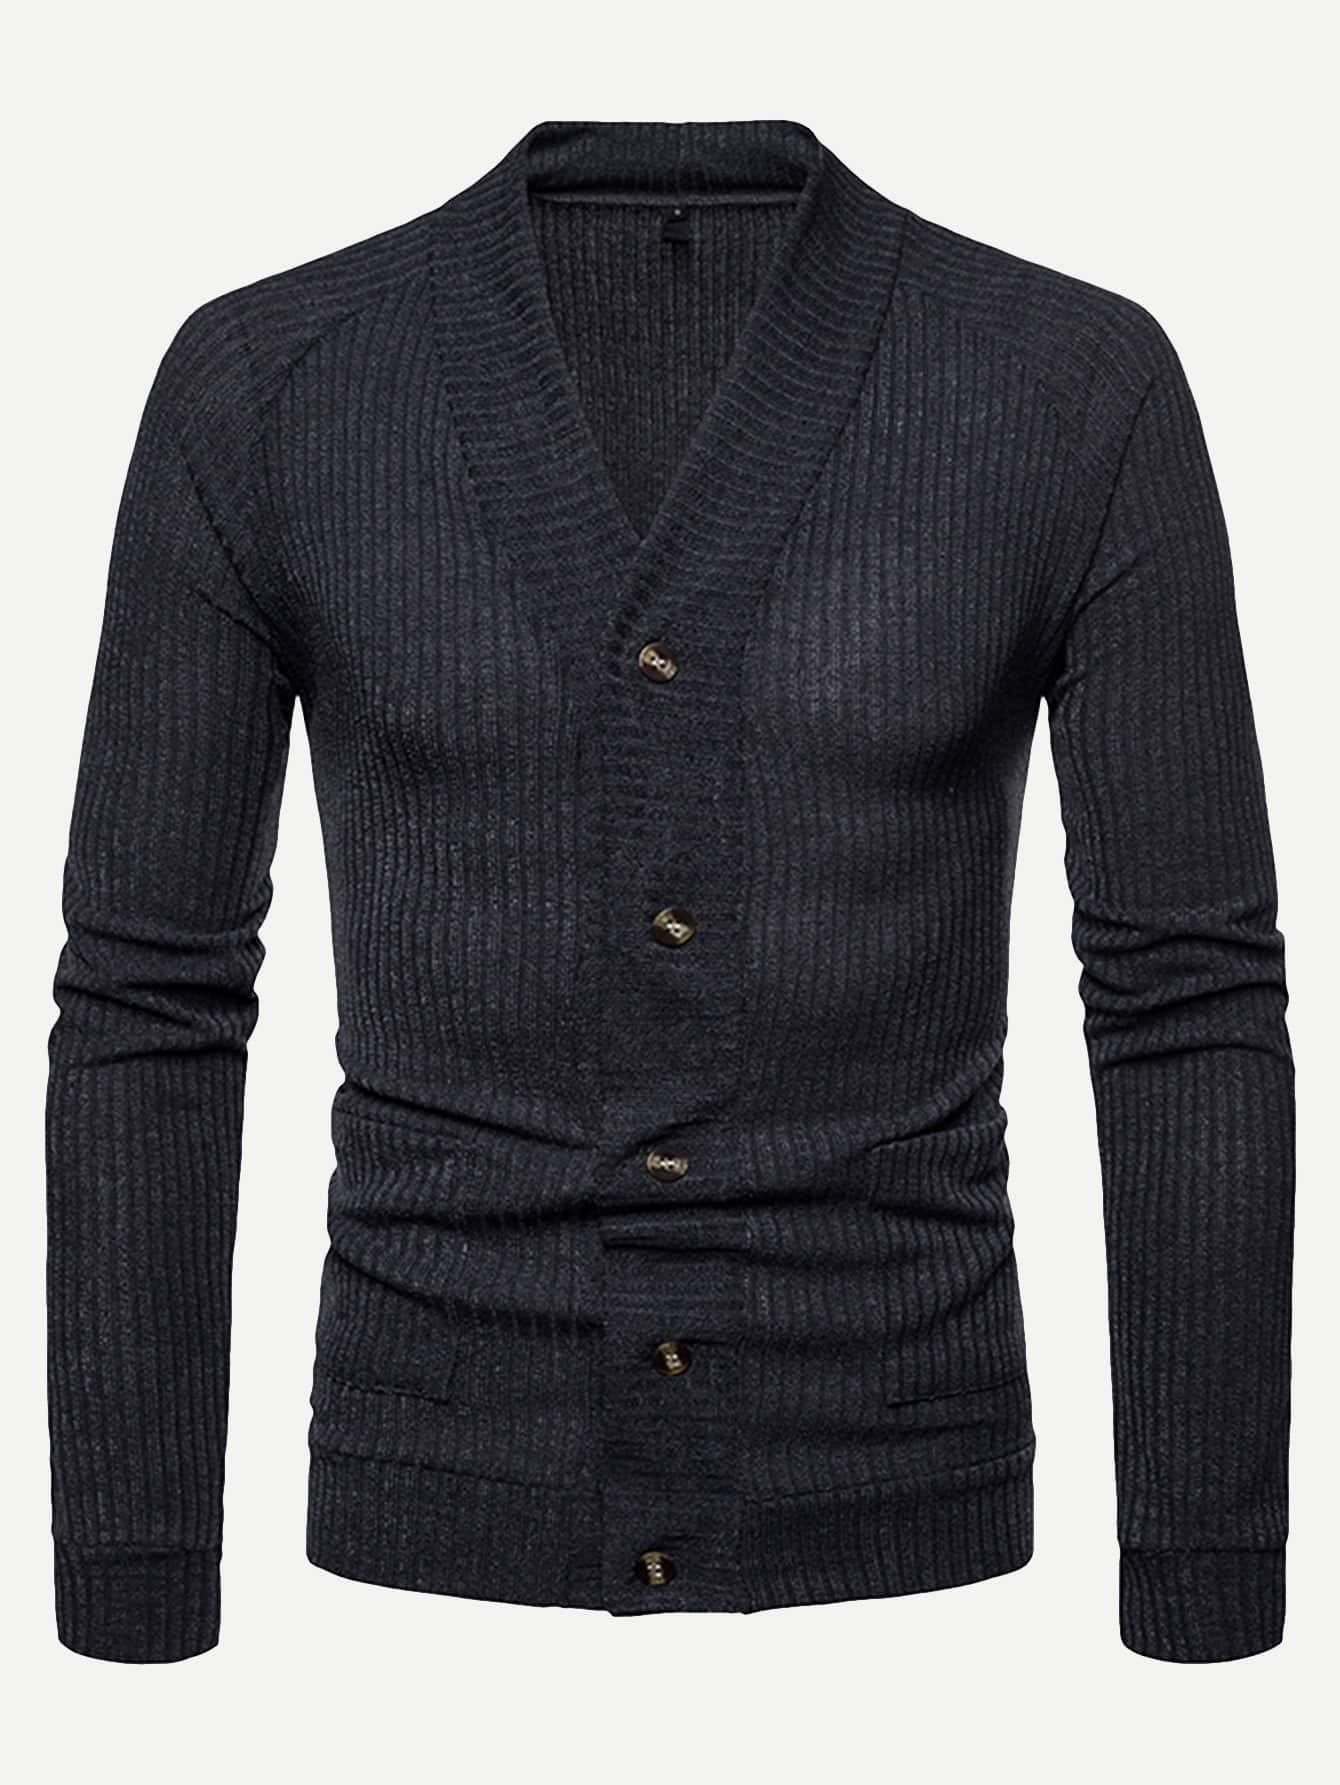 Купить Мужское простое пальто-фуфайки с рельефными узорами, null, SheIn